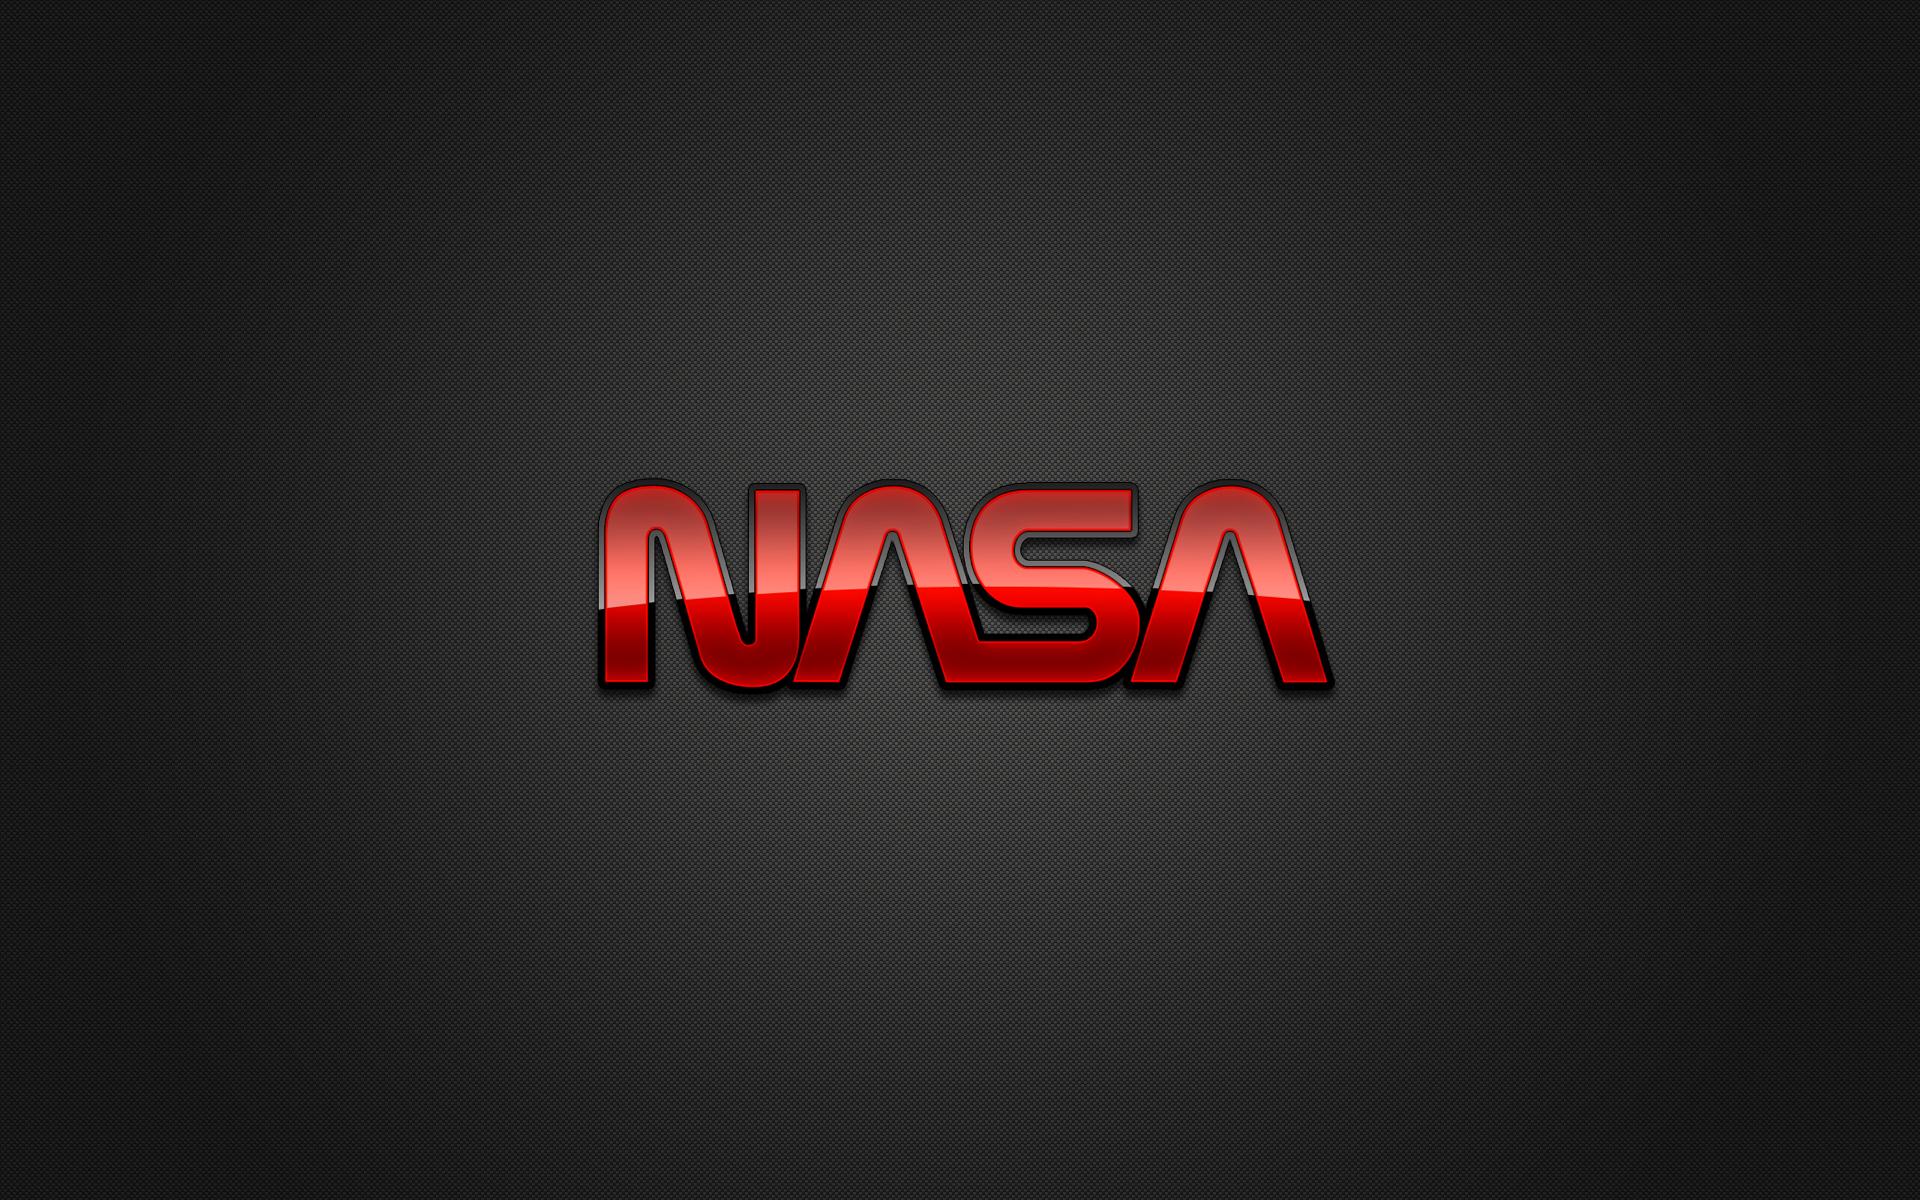 Nasa Logo Wallpaper Iphone Nasa by mullet d3i85n5jpg 1920x1200